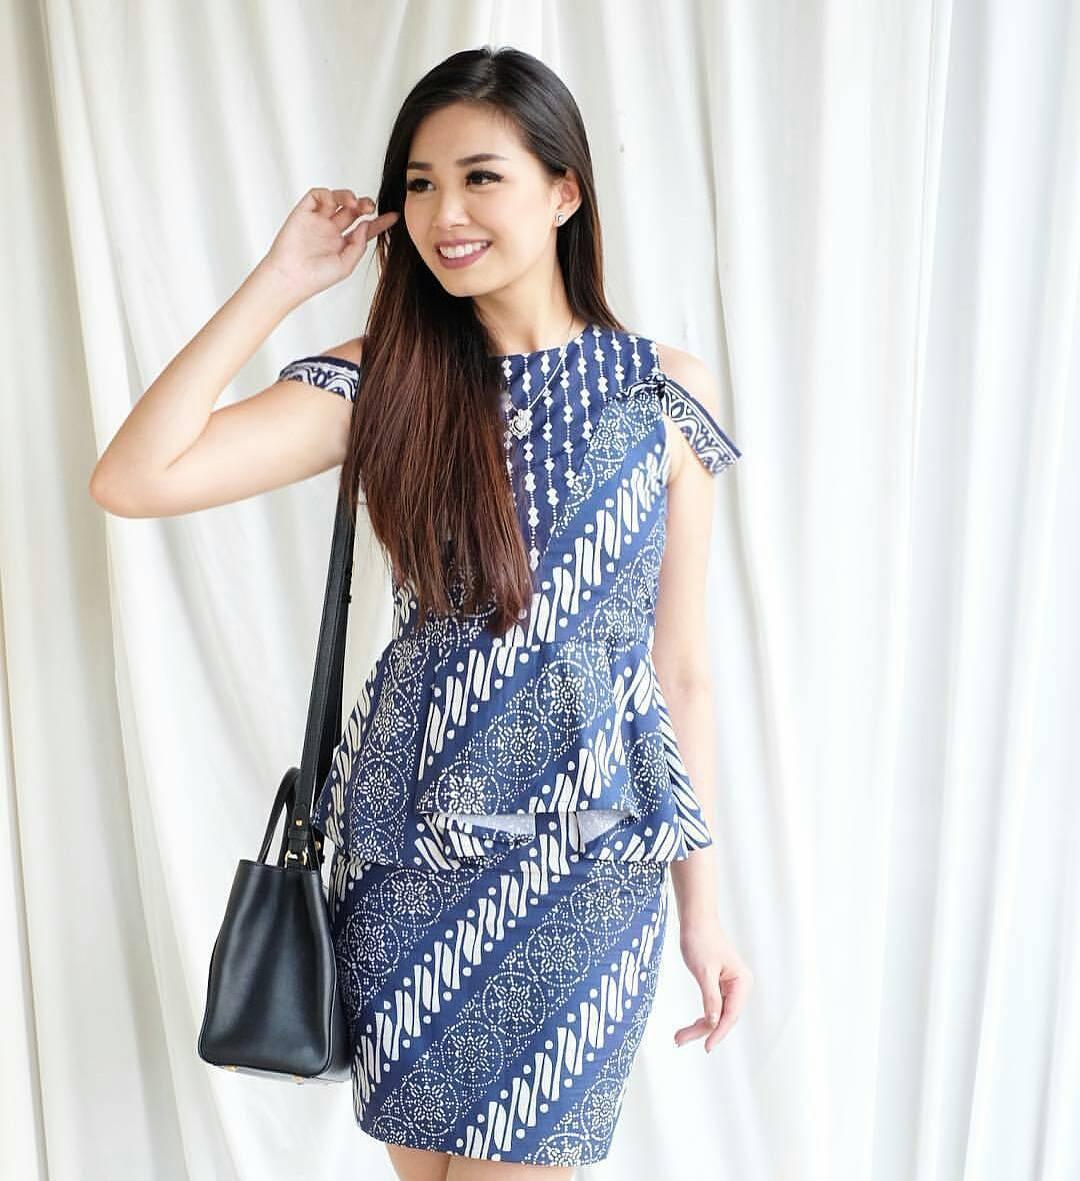 Model Baju Batik Wanita 2015: Contoh Baju Batik Wanita Model Yang Kekinian